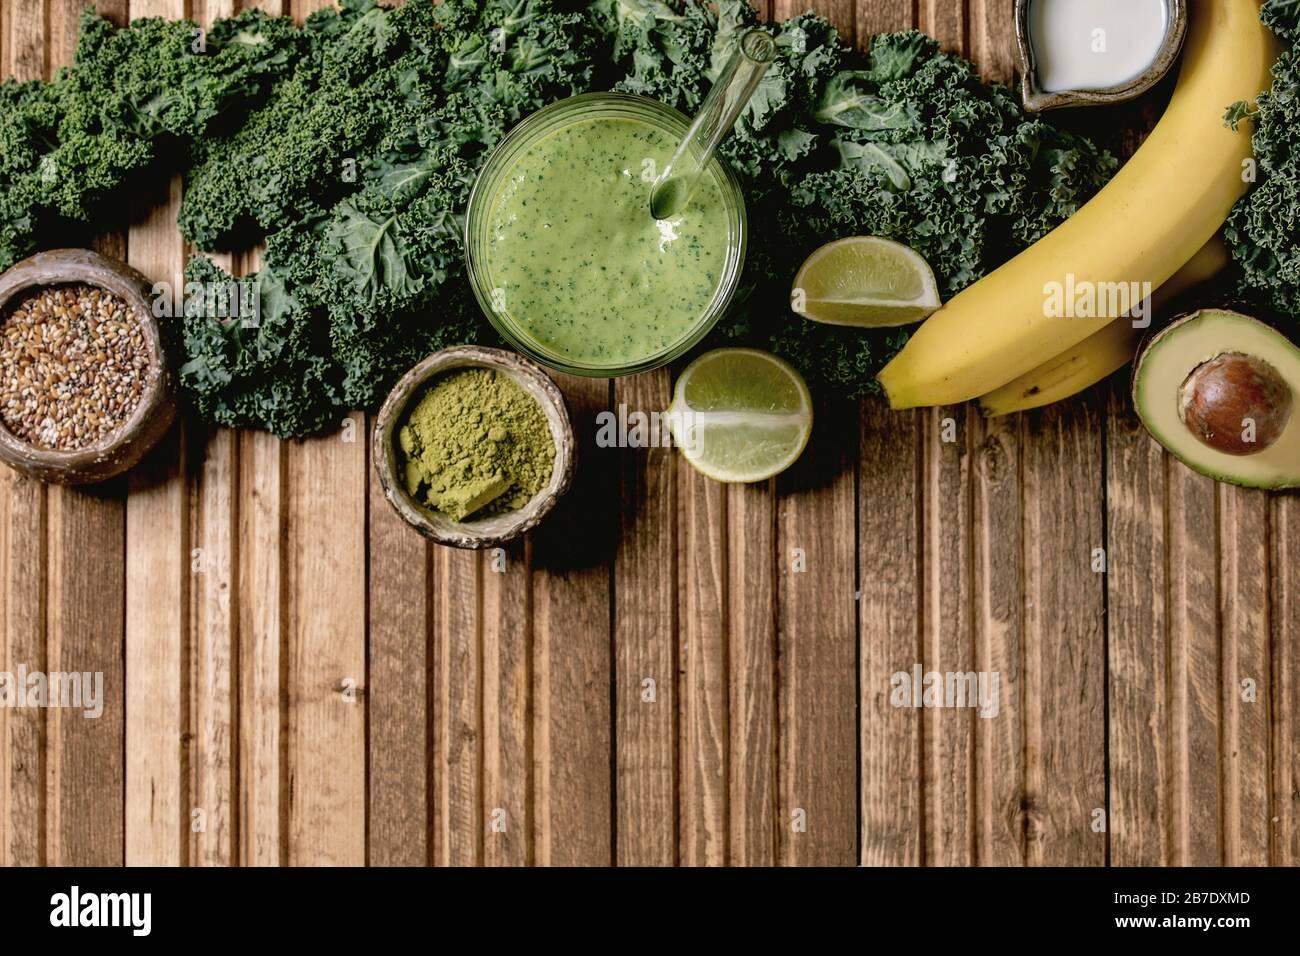 Cristal de verde saludable vegano batido, paja de vidrio. Ingredientes arriba. Kale, plátanos, aguacate, lima, leche no diaria, polvo de matcha y semillas sobre madera Foto de stock